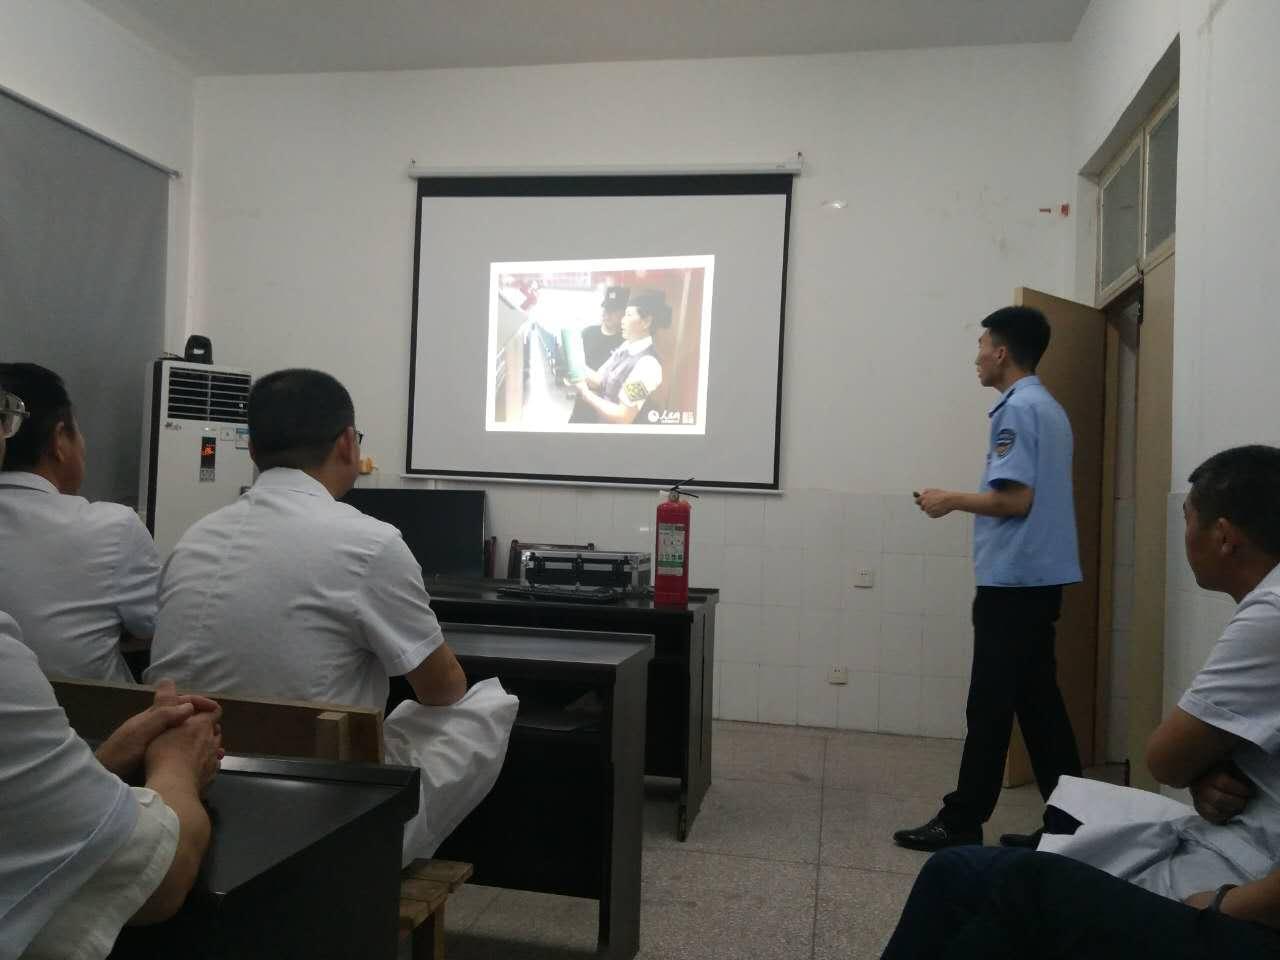 肖王镇卫生院消防安全专项培训情况